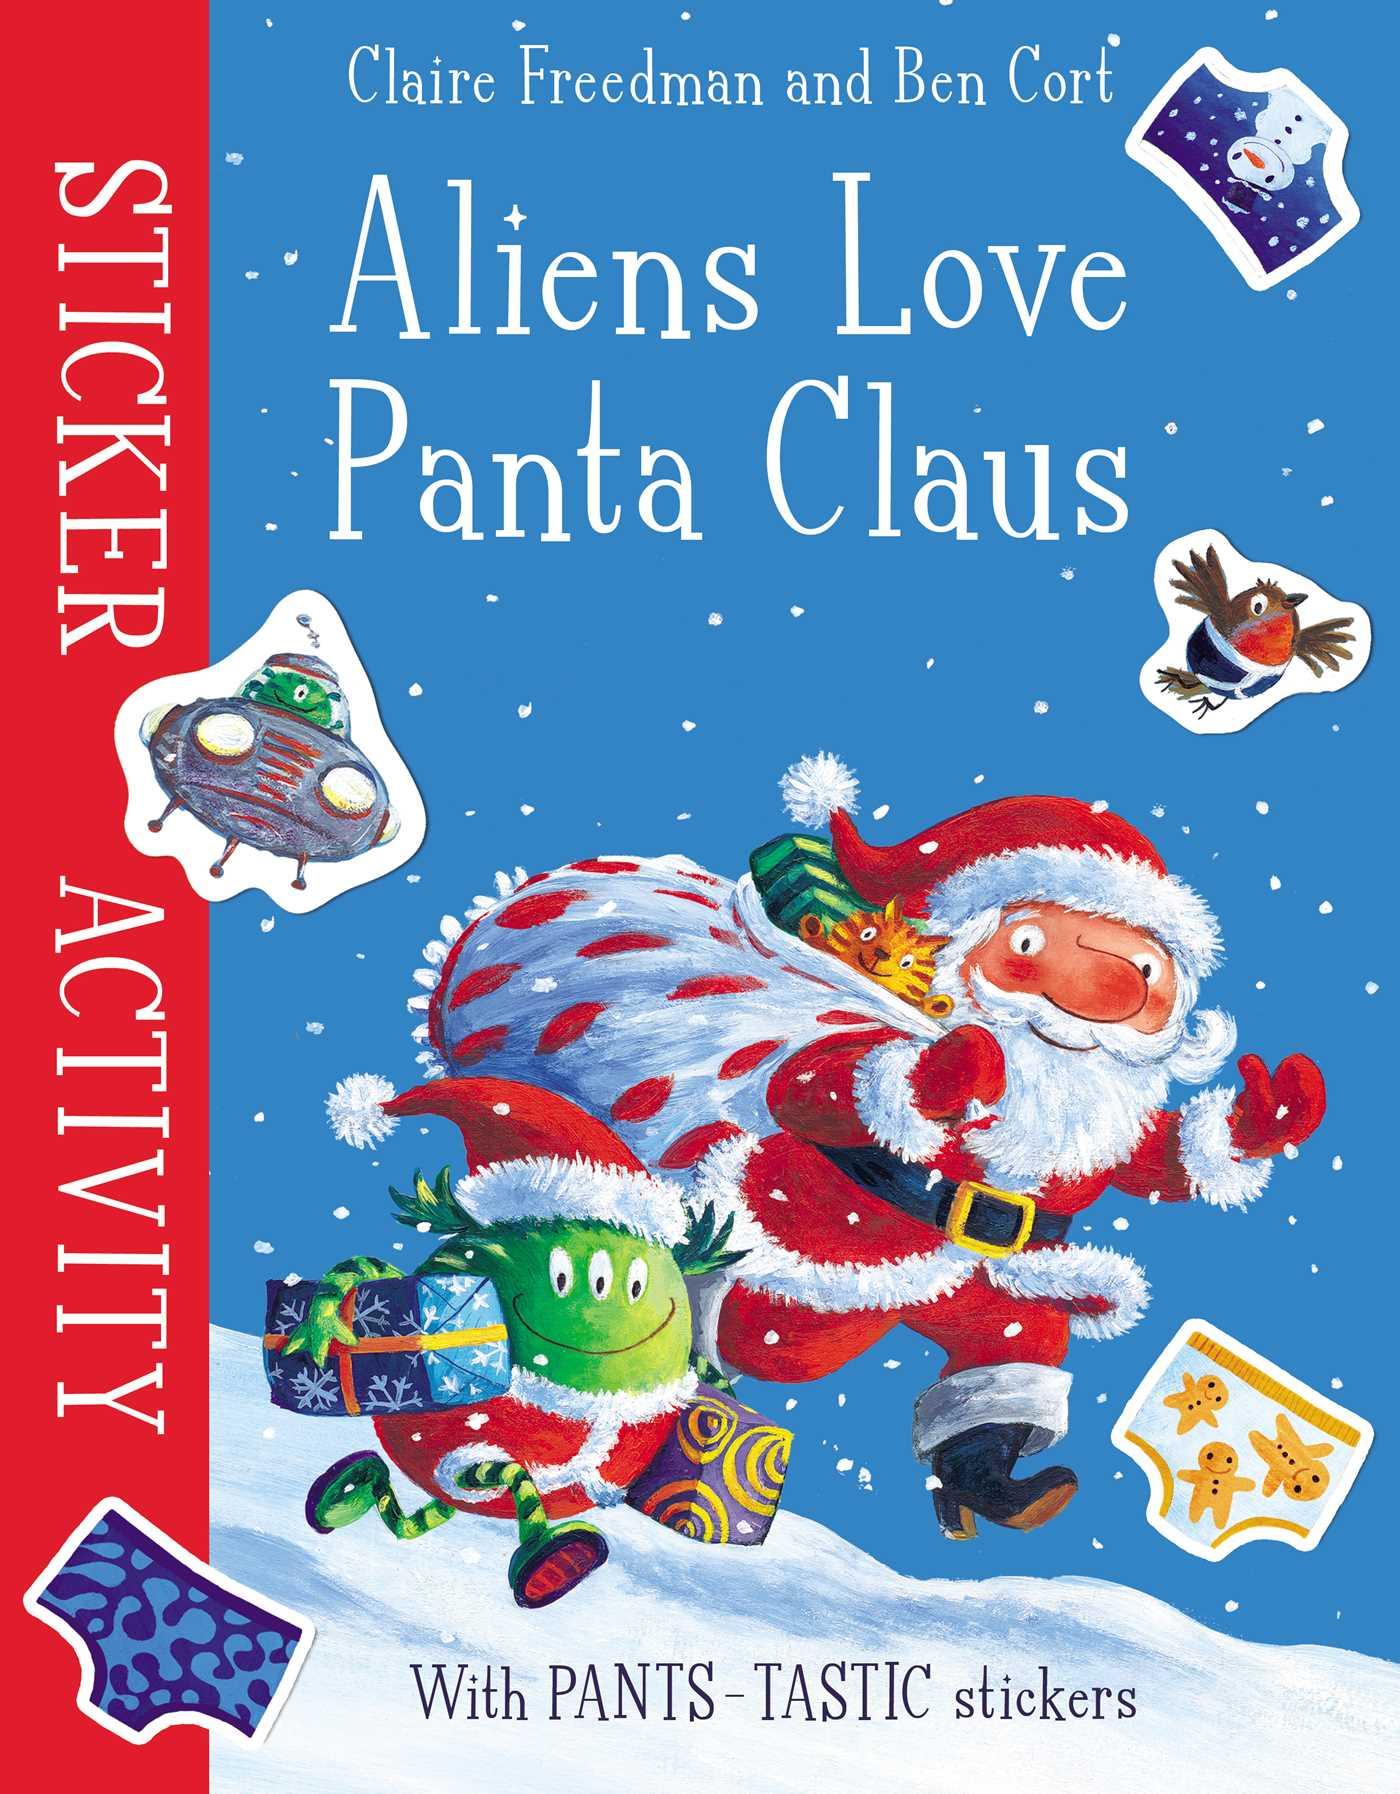 Aliens love panta claus sticker activity 9781471164309 hr